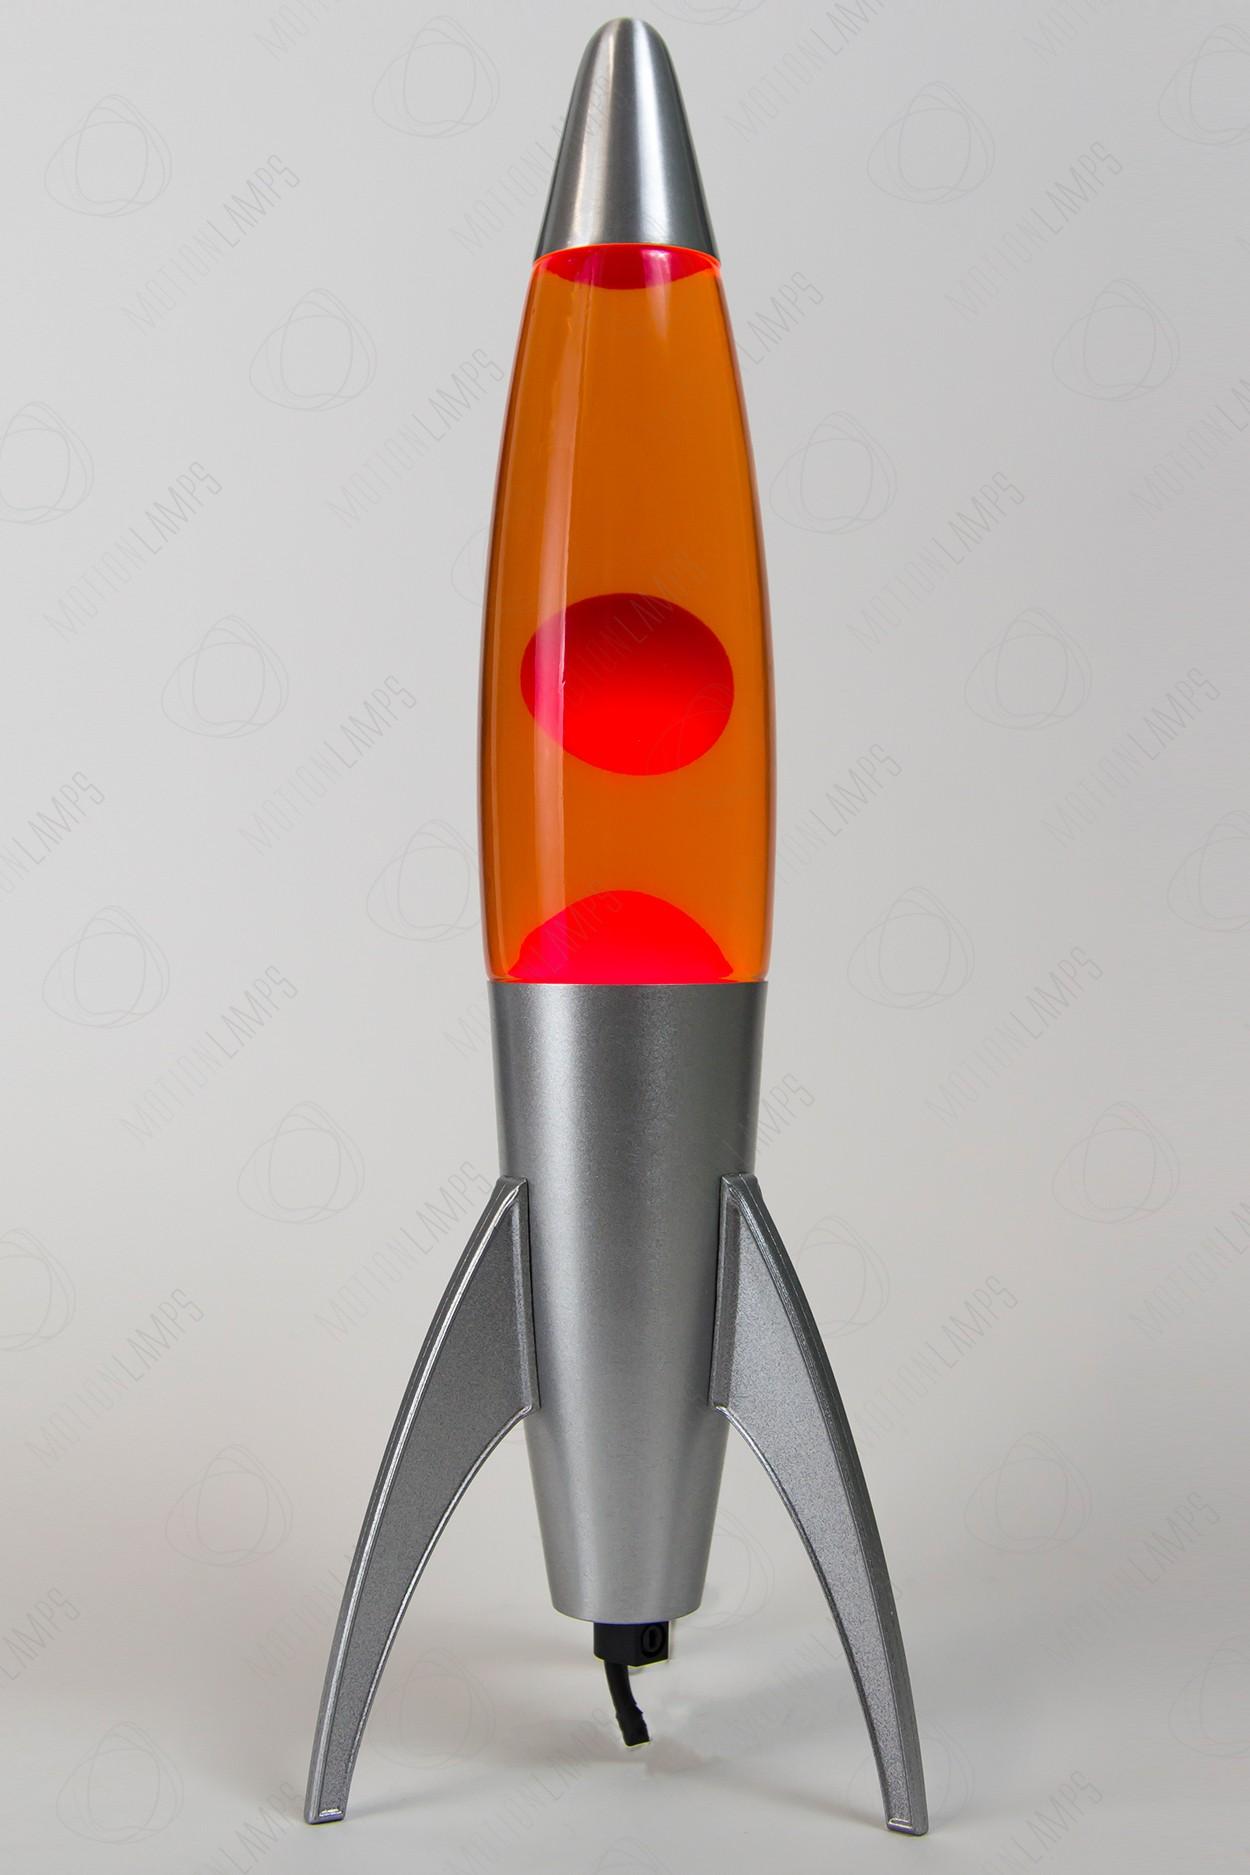 Лава-лампа 35см Rocket Красная/Оранжевая (Воск)